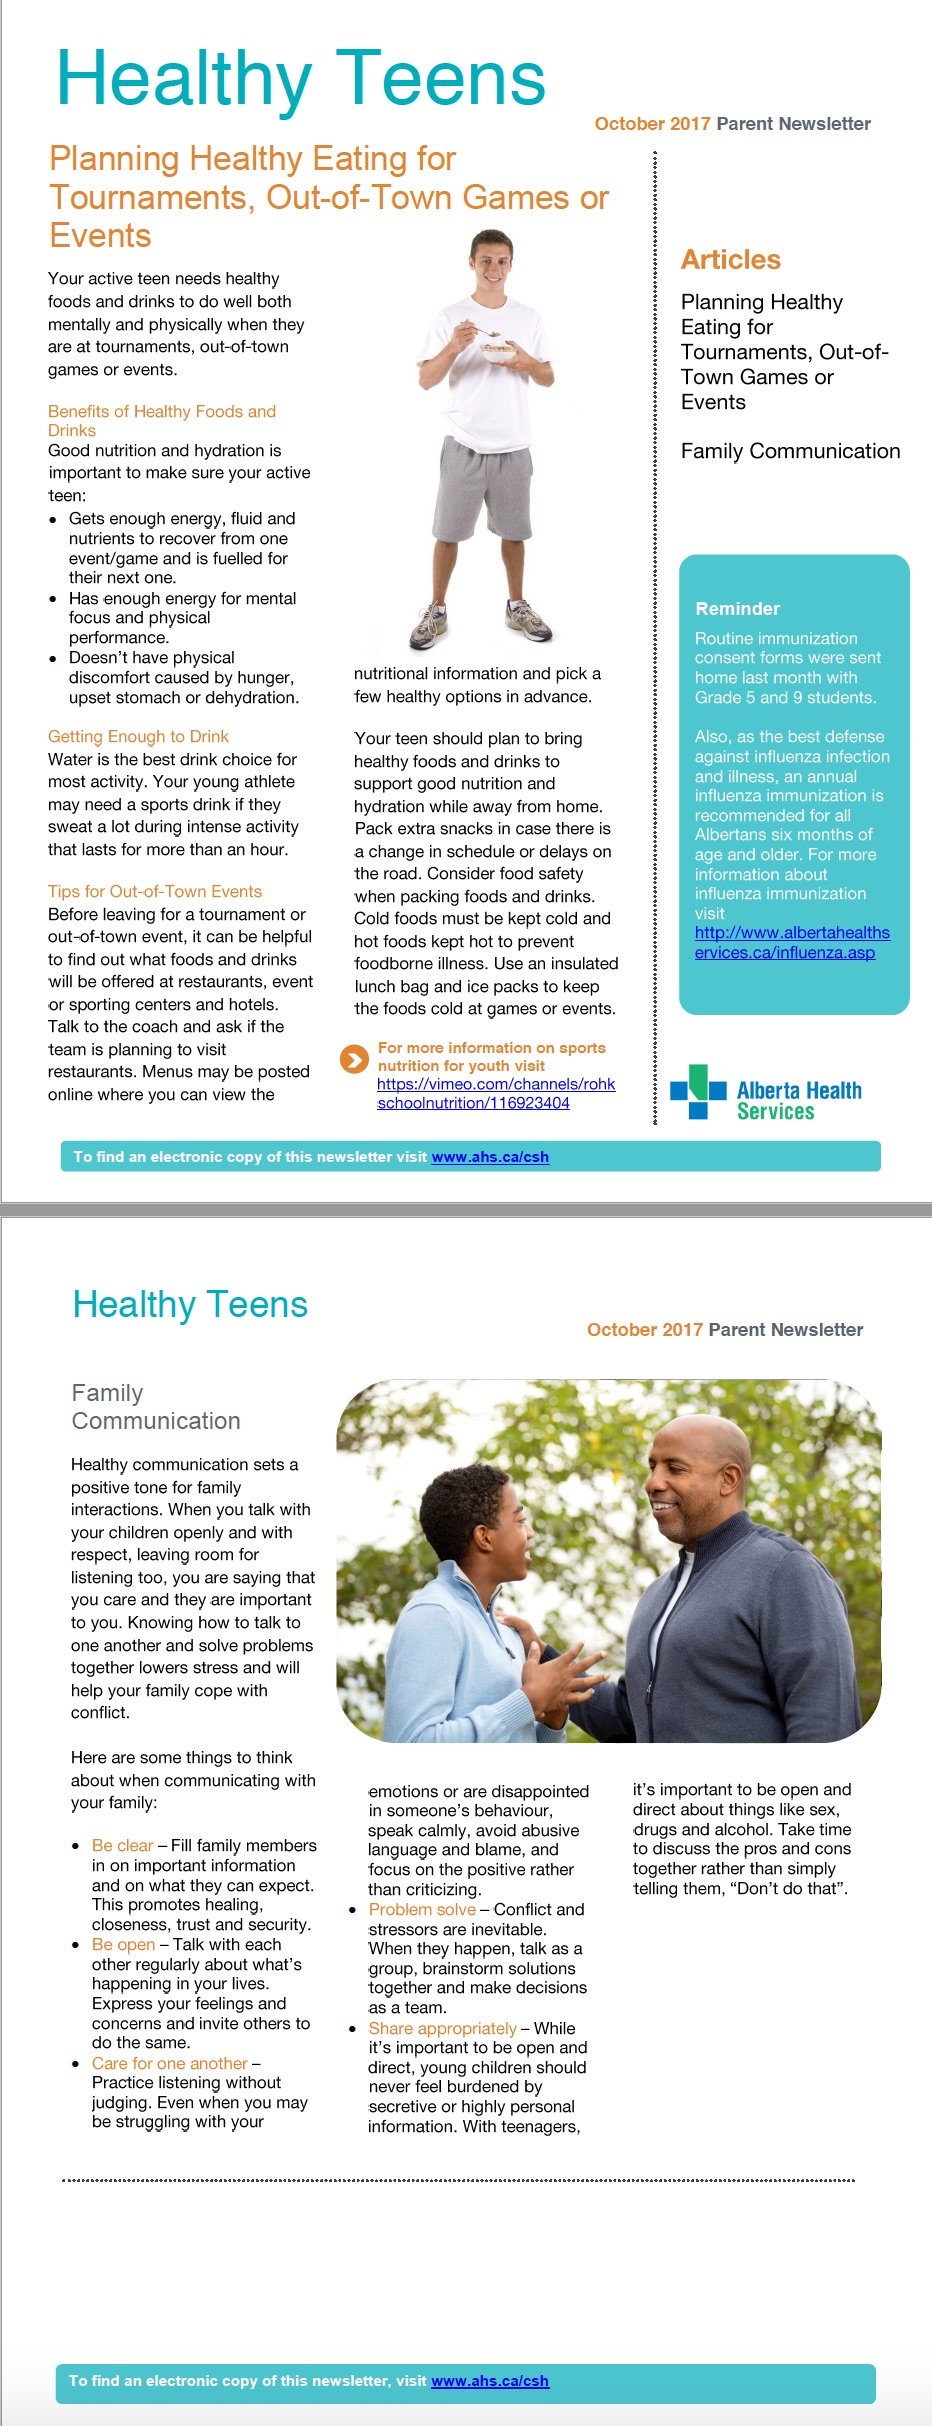 AHS Newsletter Oct 2017 - Health Teens.jpg